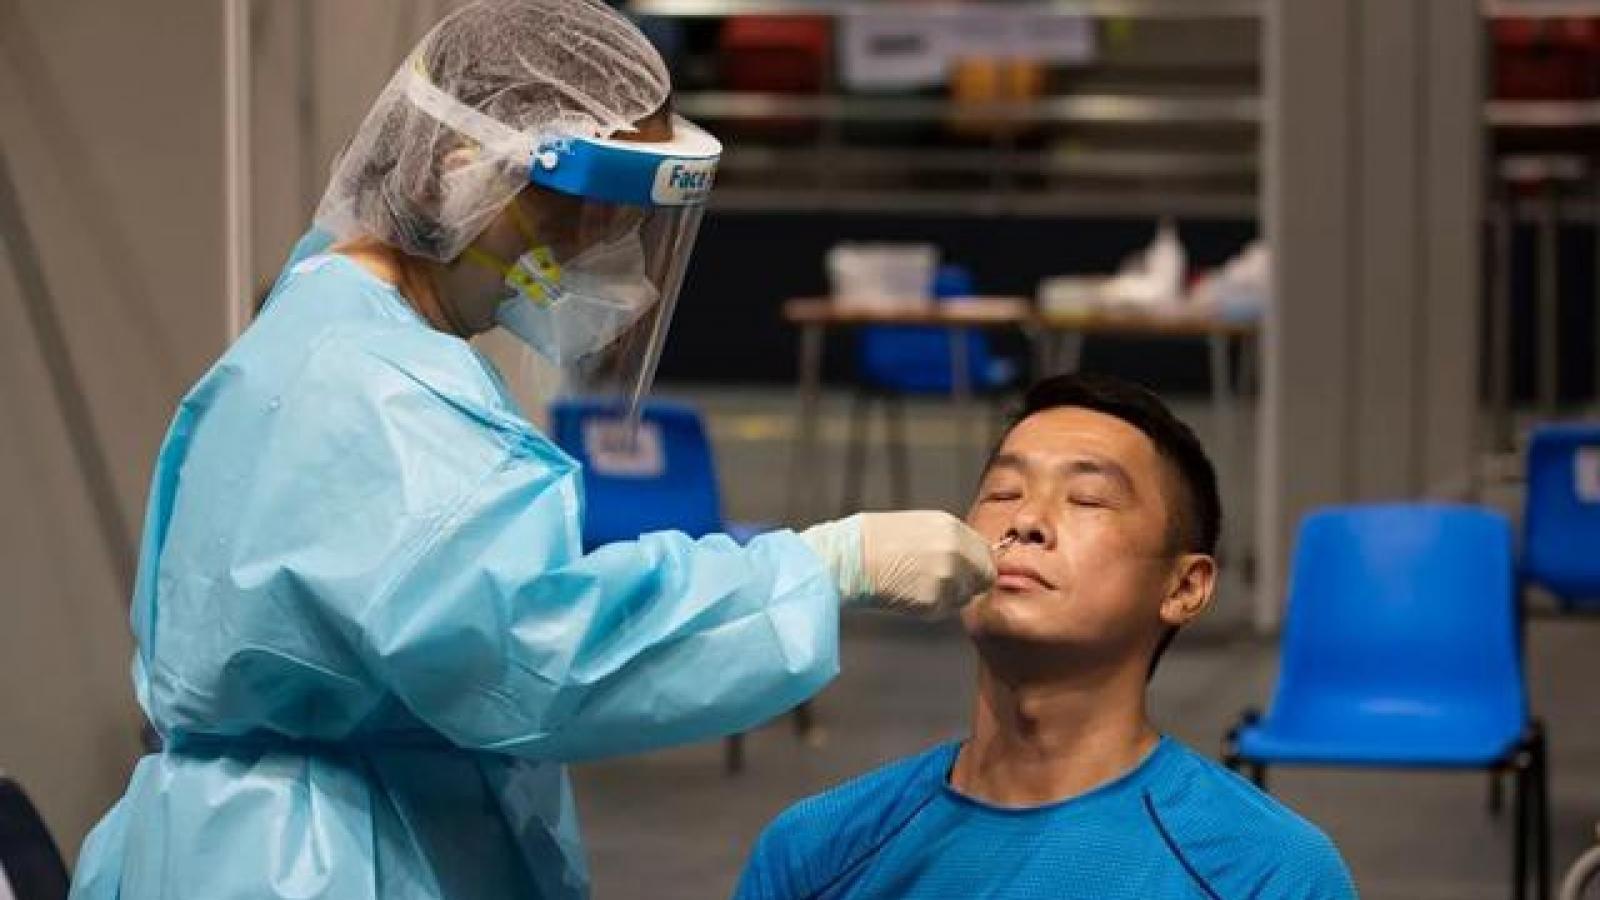 Trung Quốc đại lục tiếp tục hỗ trợ Hồng Kông chống COVID-19